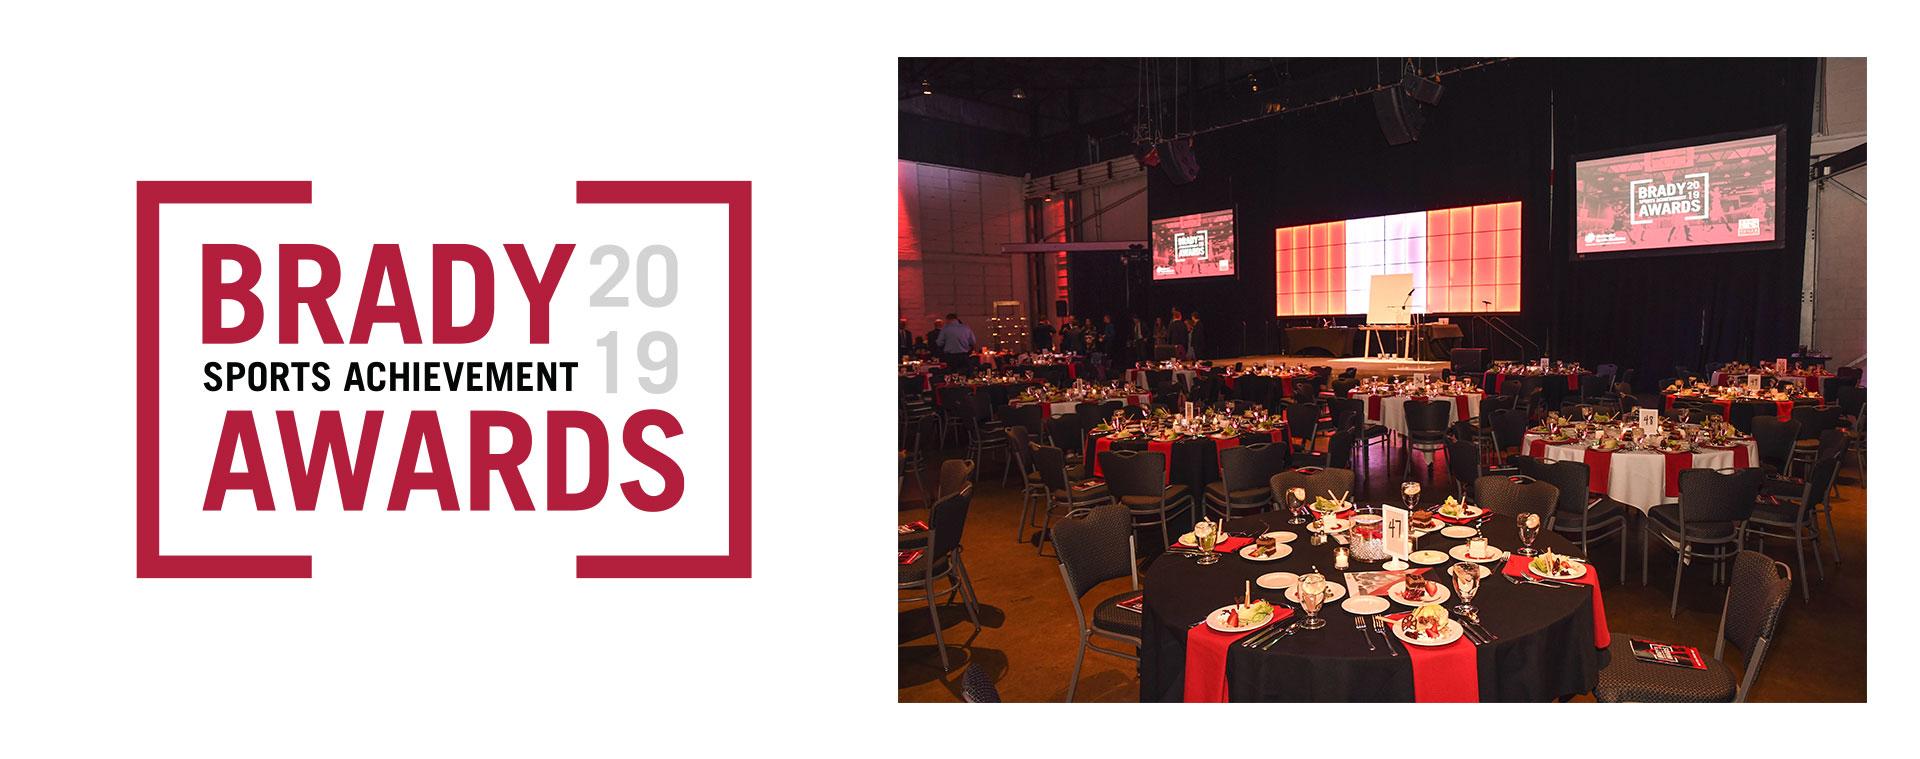 BA CaseStudy Pics1 2019 Brady Sports Achievement Awards